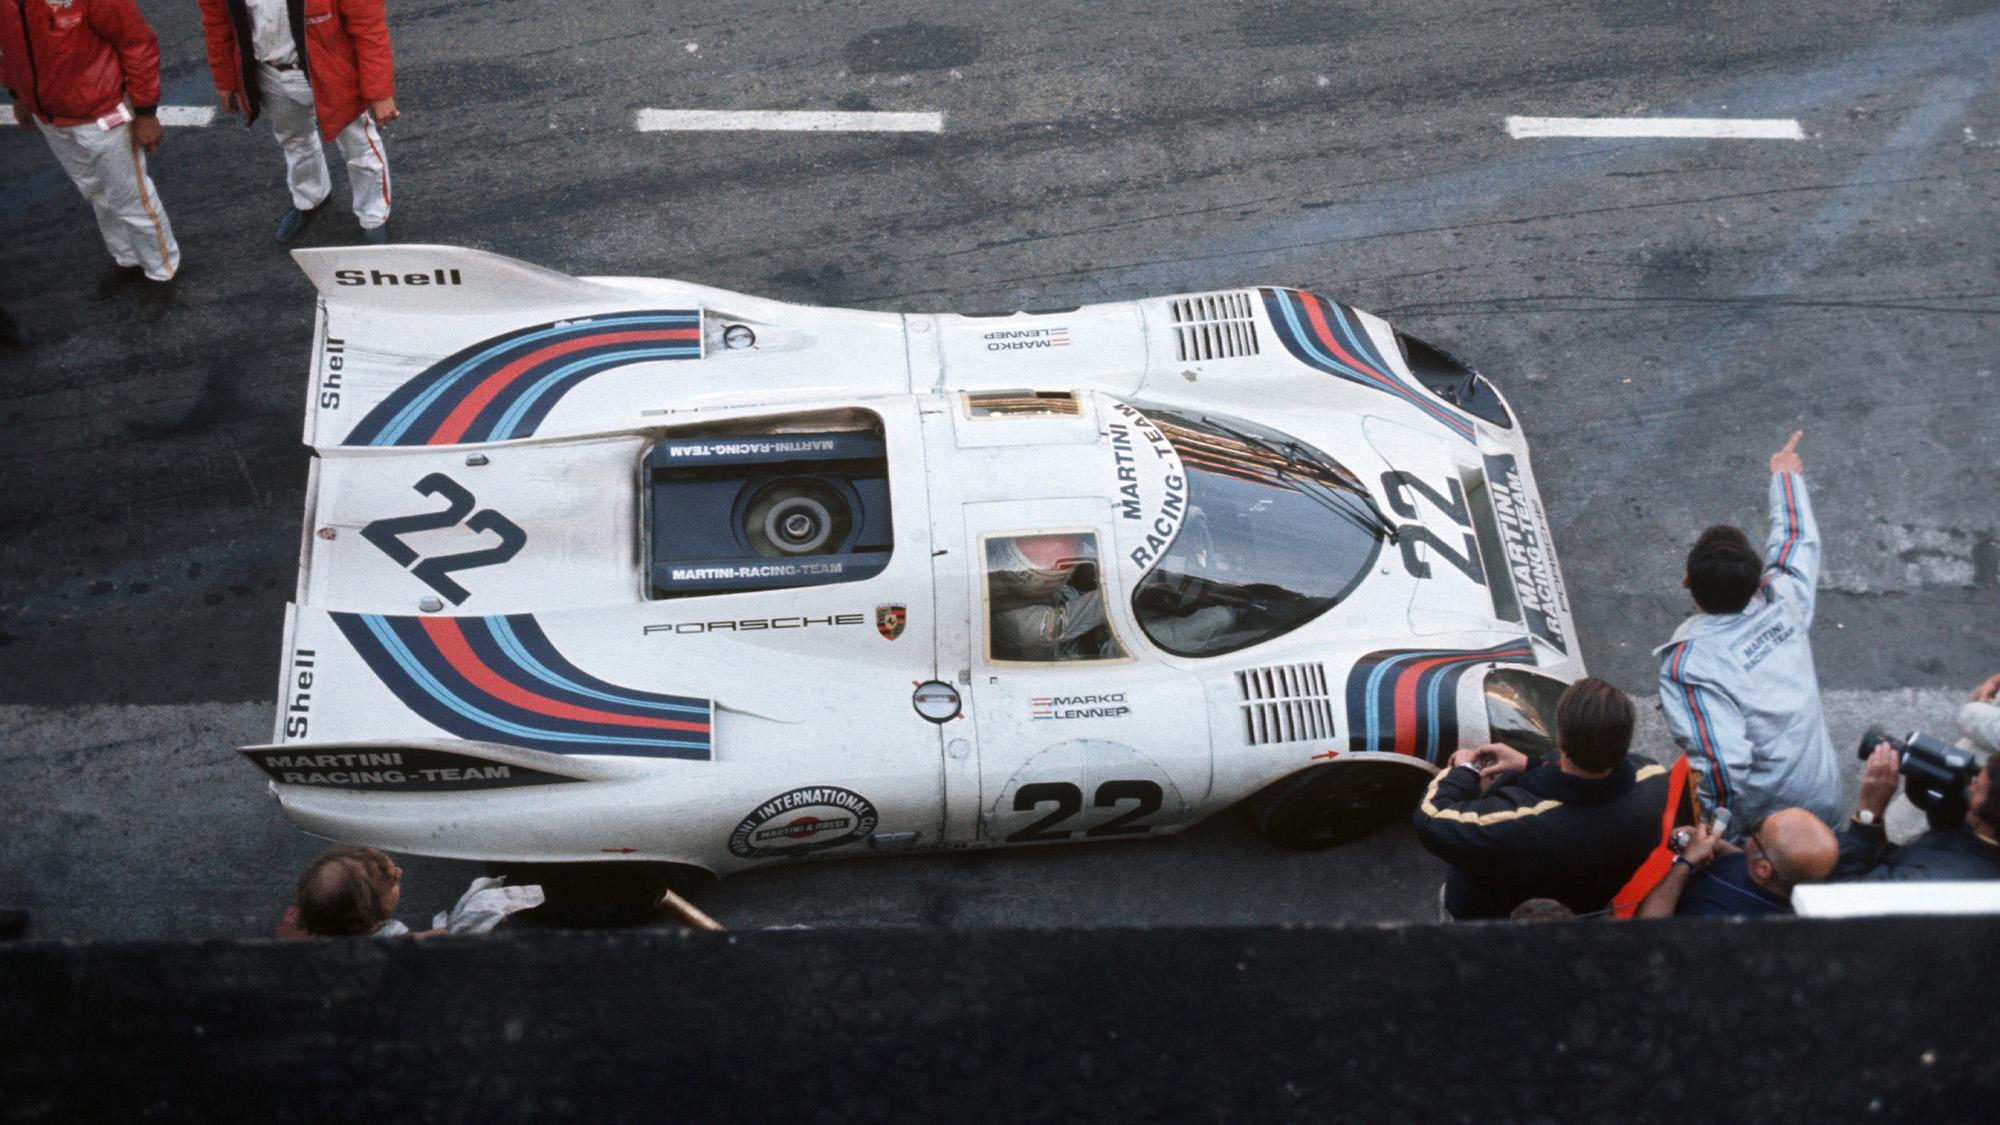 Martini Porsche 917 in the pits Le Mans 1971